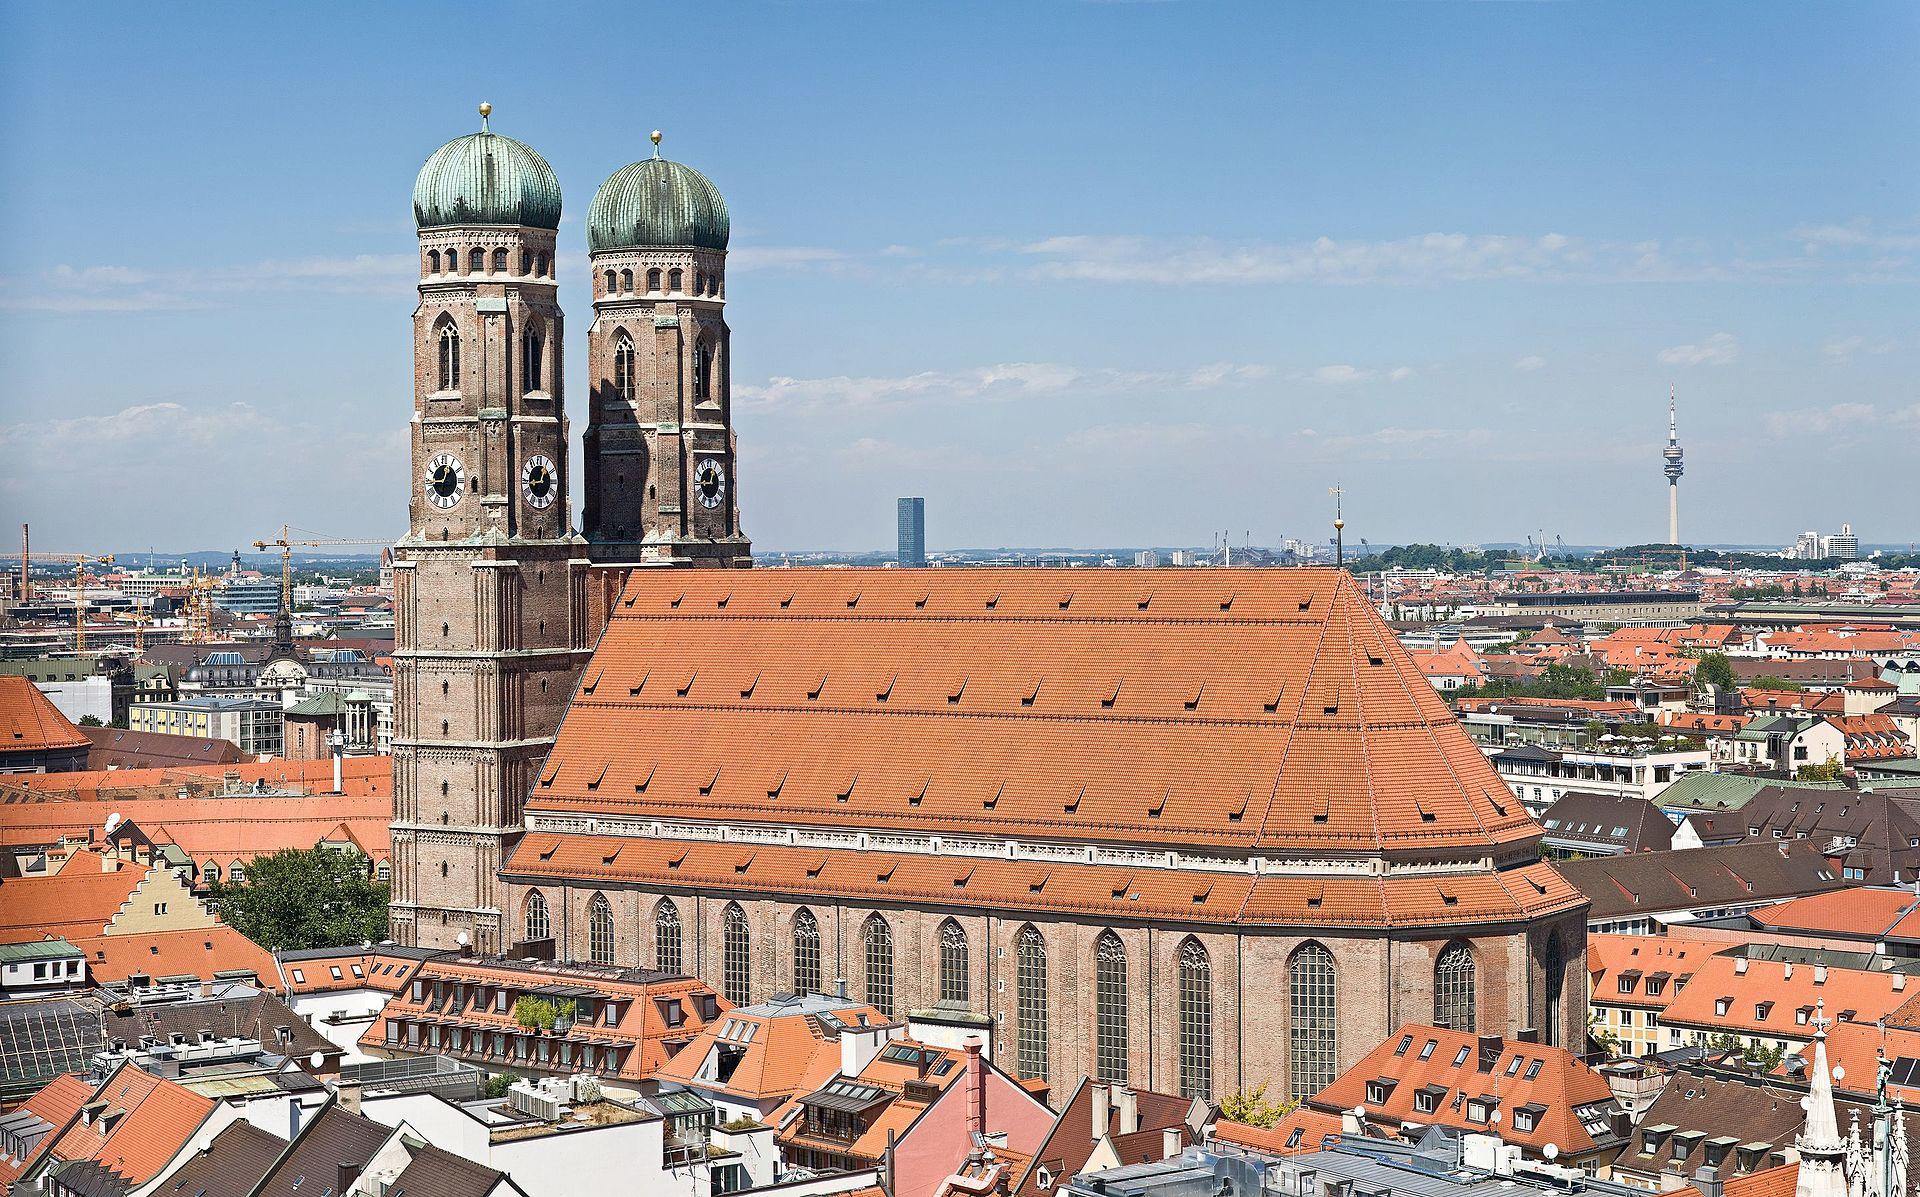 Bild Domkirche Unserer Lieben Frau München